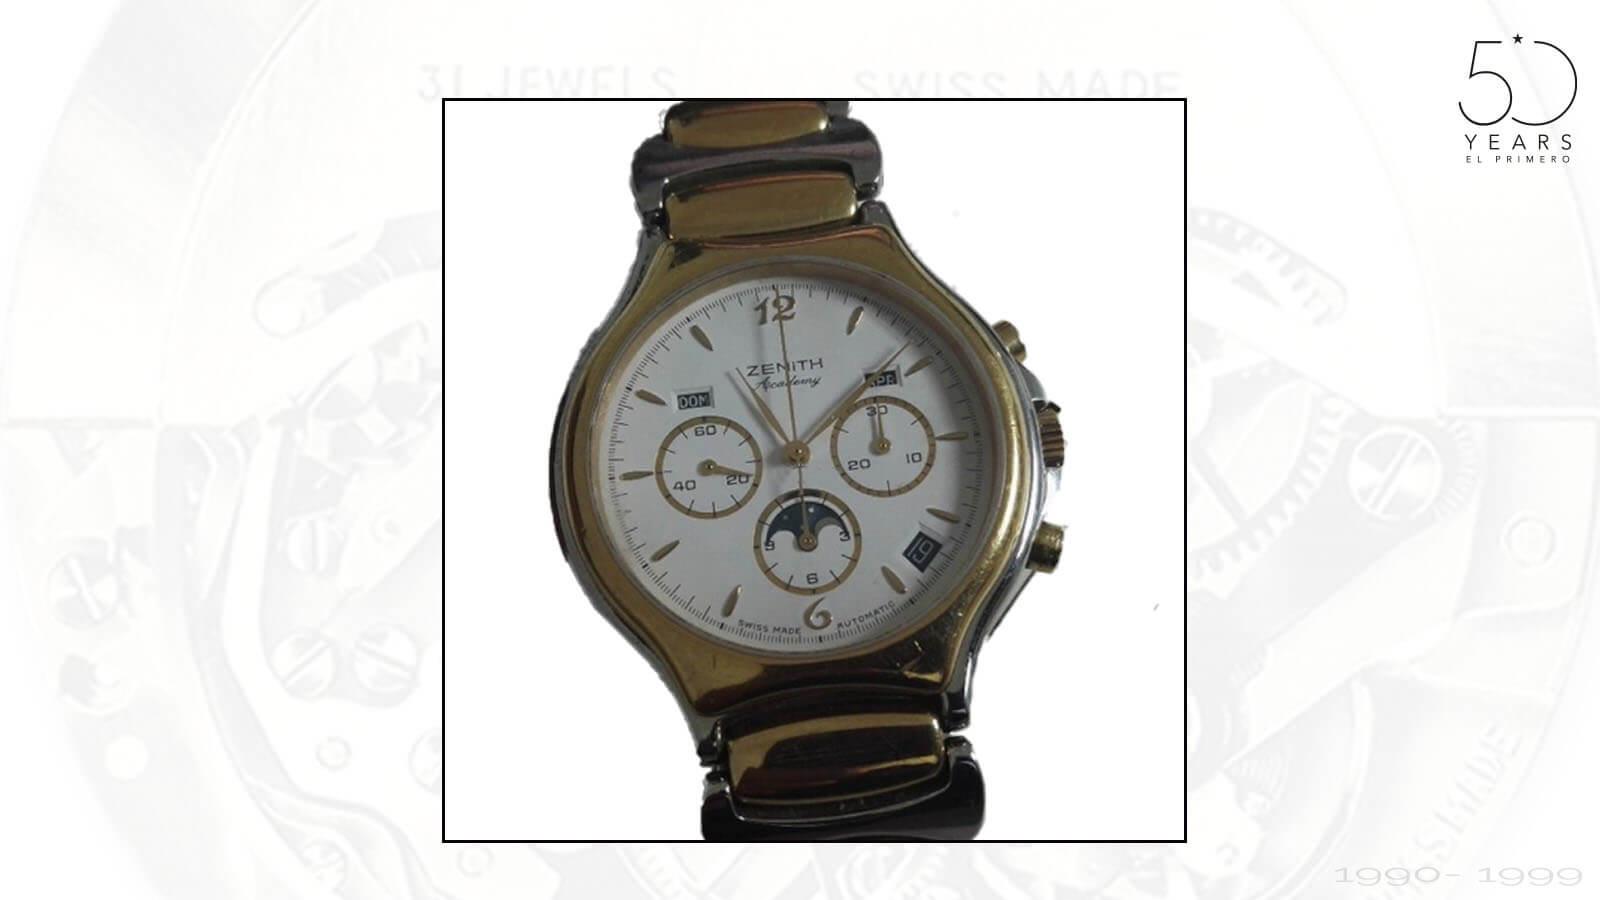 Zenith Academy Chronograph von 1990 mit El Primero Werk